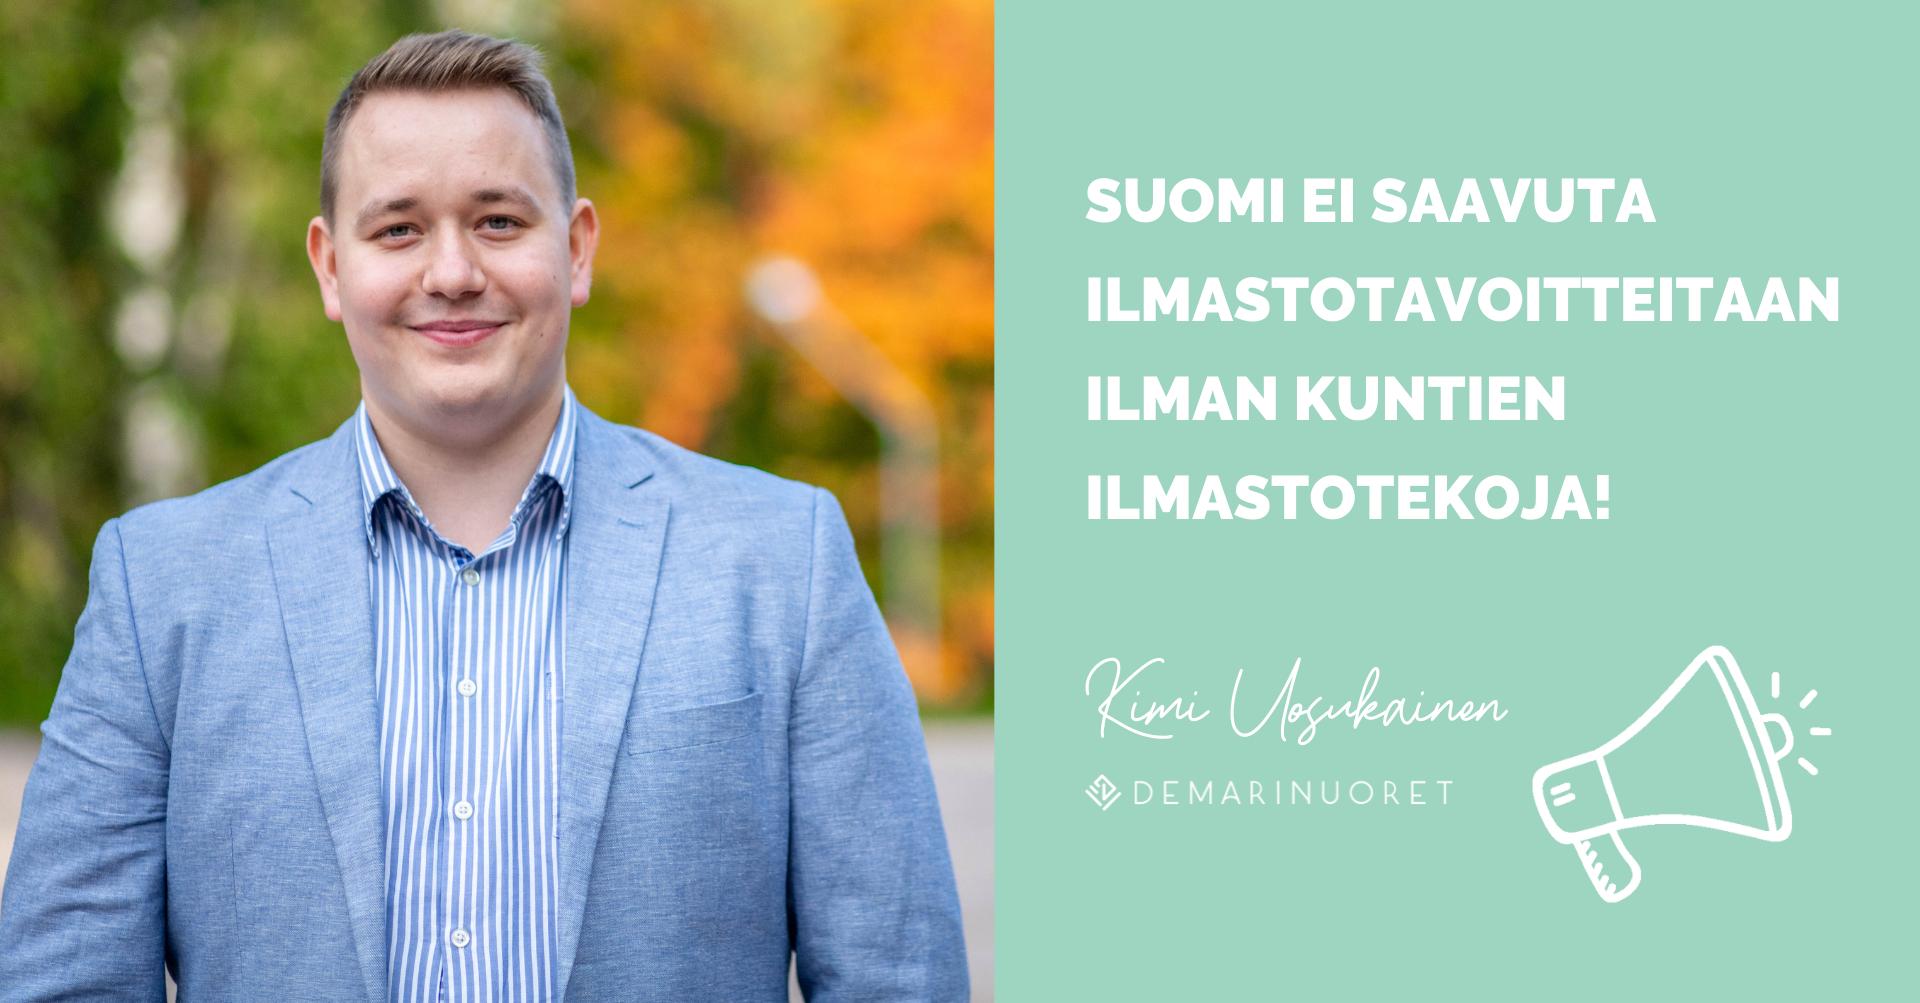 """Kuvassa Kimi Uosukainen lausahtaa """"Suomi ei saavuta ilmastotavoitteitaan ilman kuntien ilmastotekoja."""""""